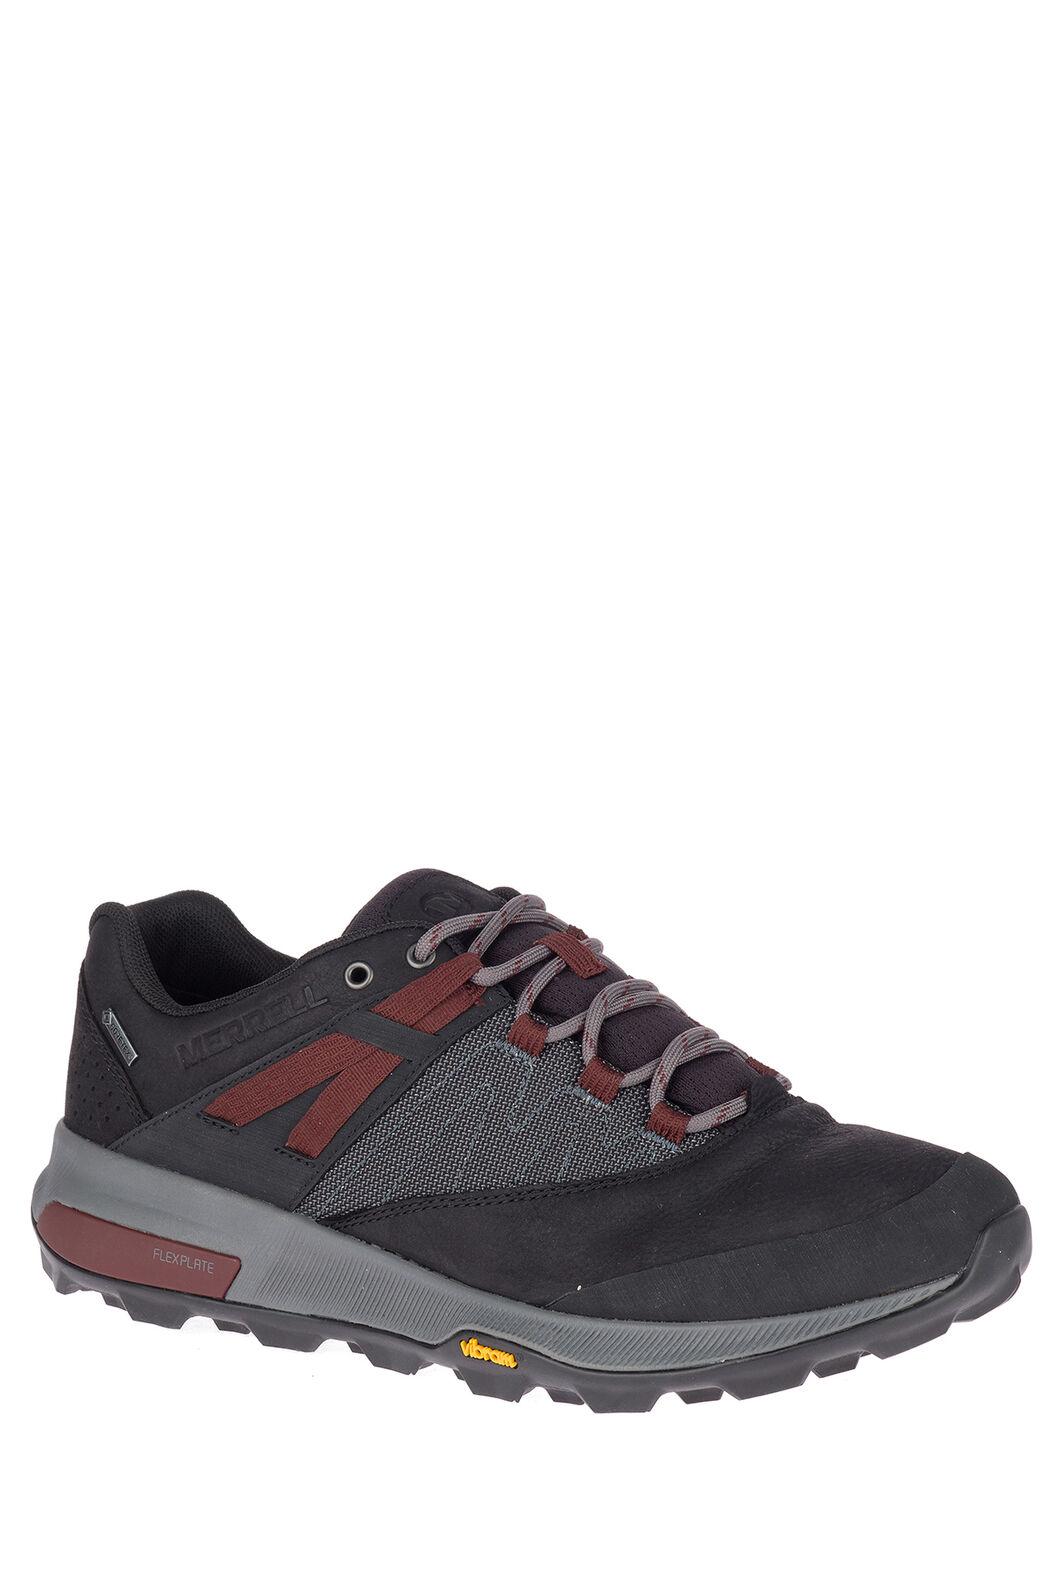 Merrell Men's Zion GTX WP Hiking Shoes, Black, hi-res